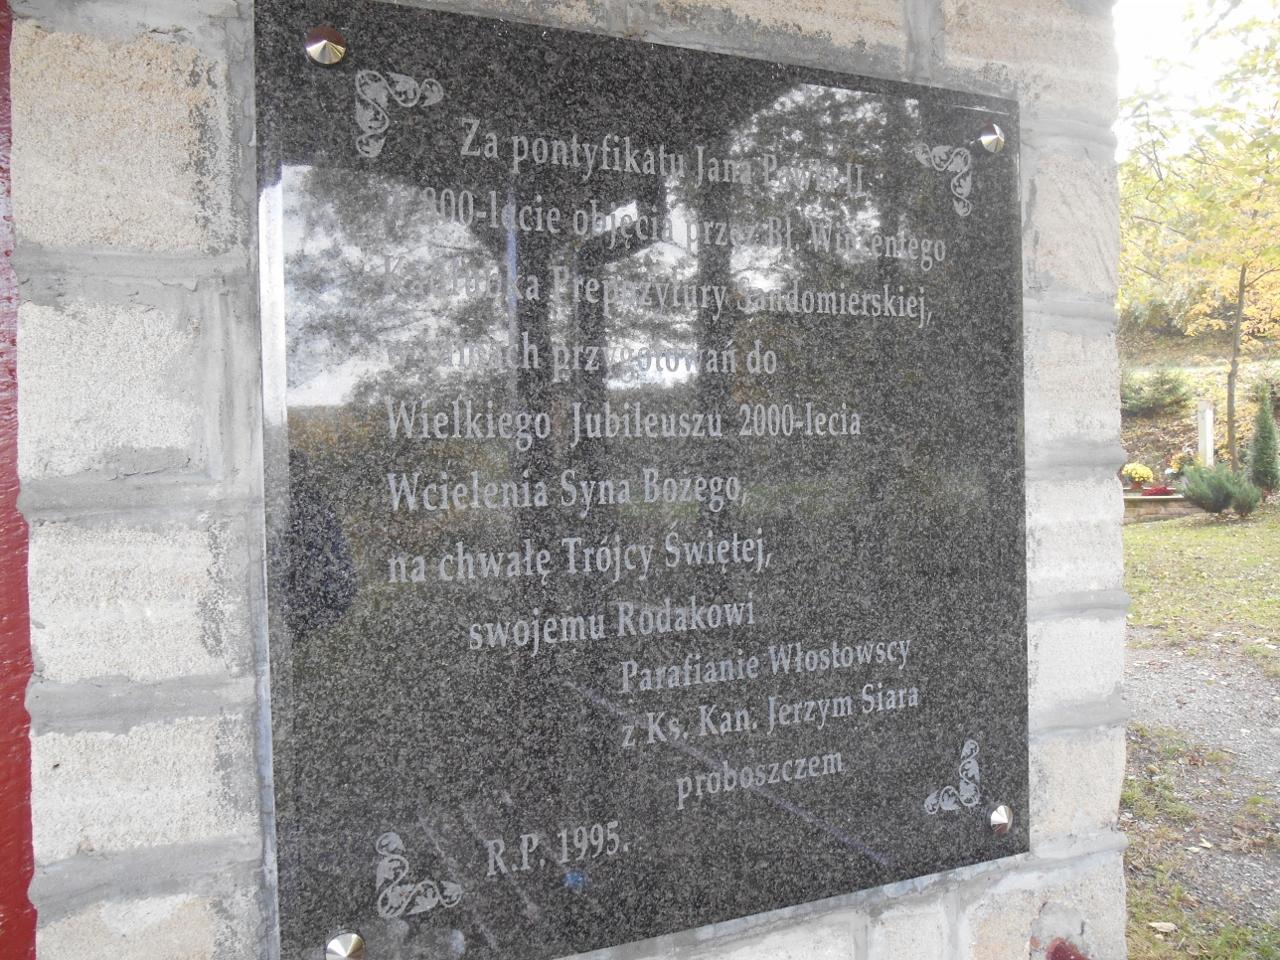 Tablica na kapliczce bł. Wincentego Kadłubka